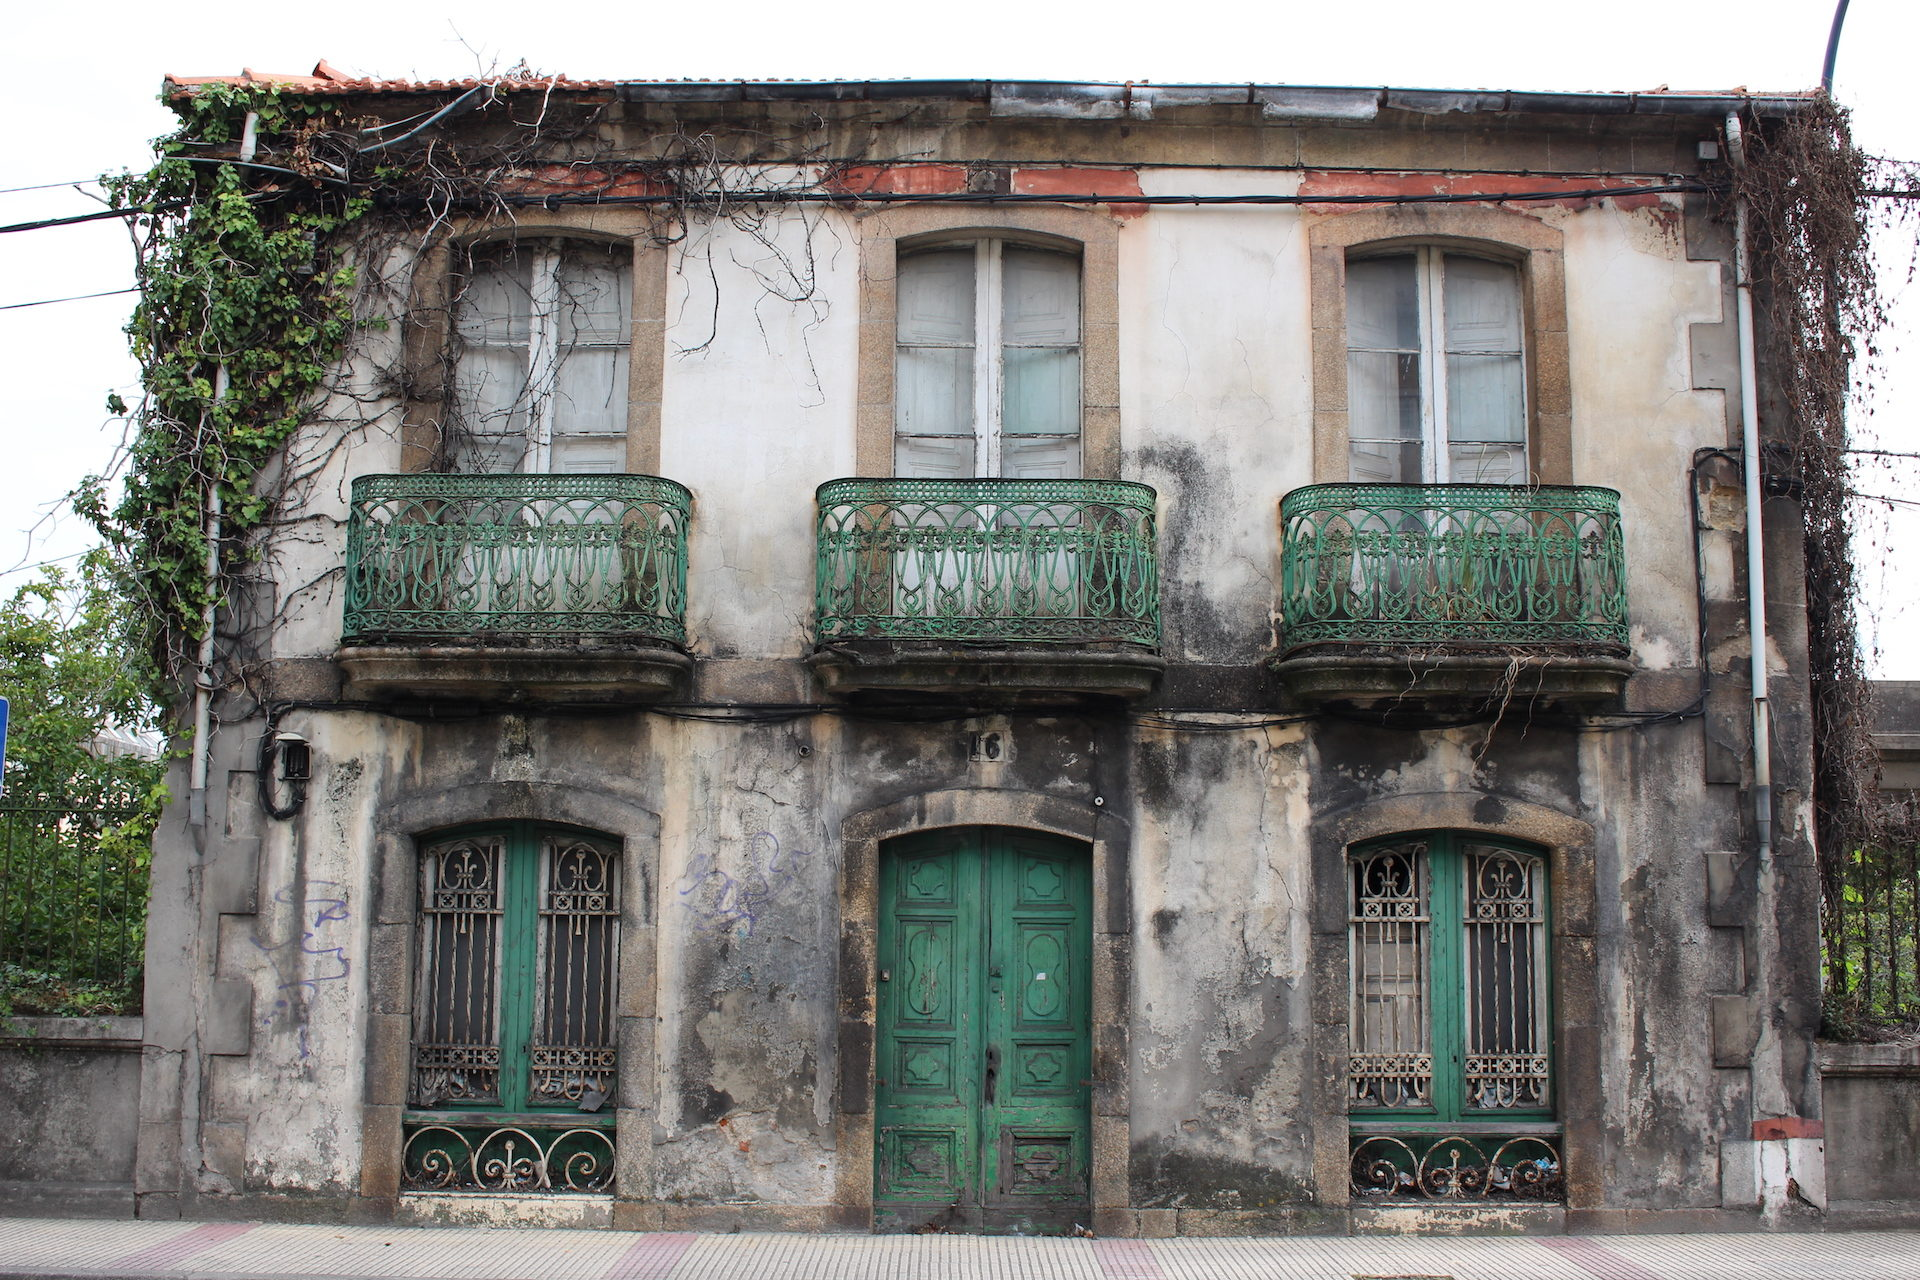 房子, vieja, abandonada, 老, 废墟 - 高清壁纸 - 教授-falken.com